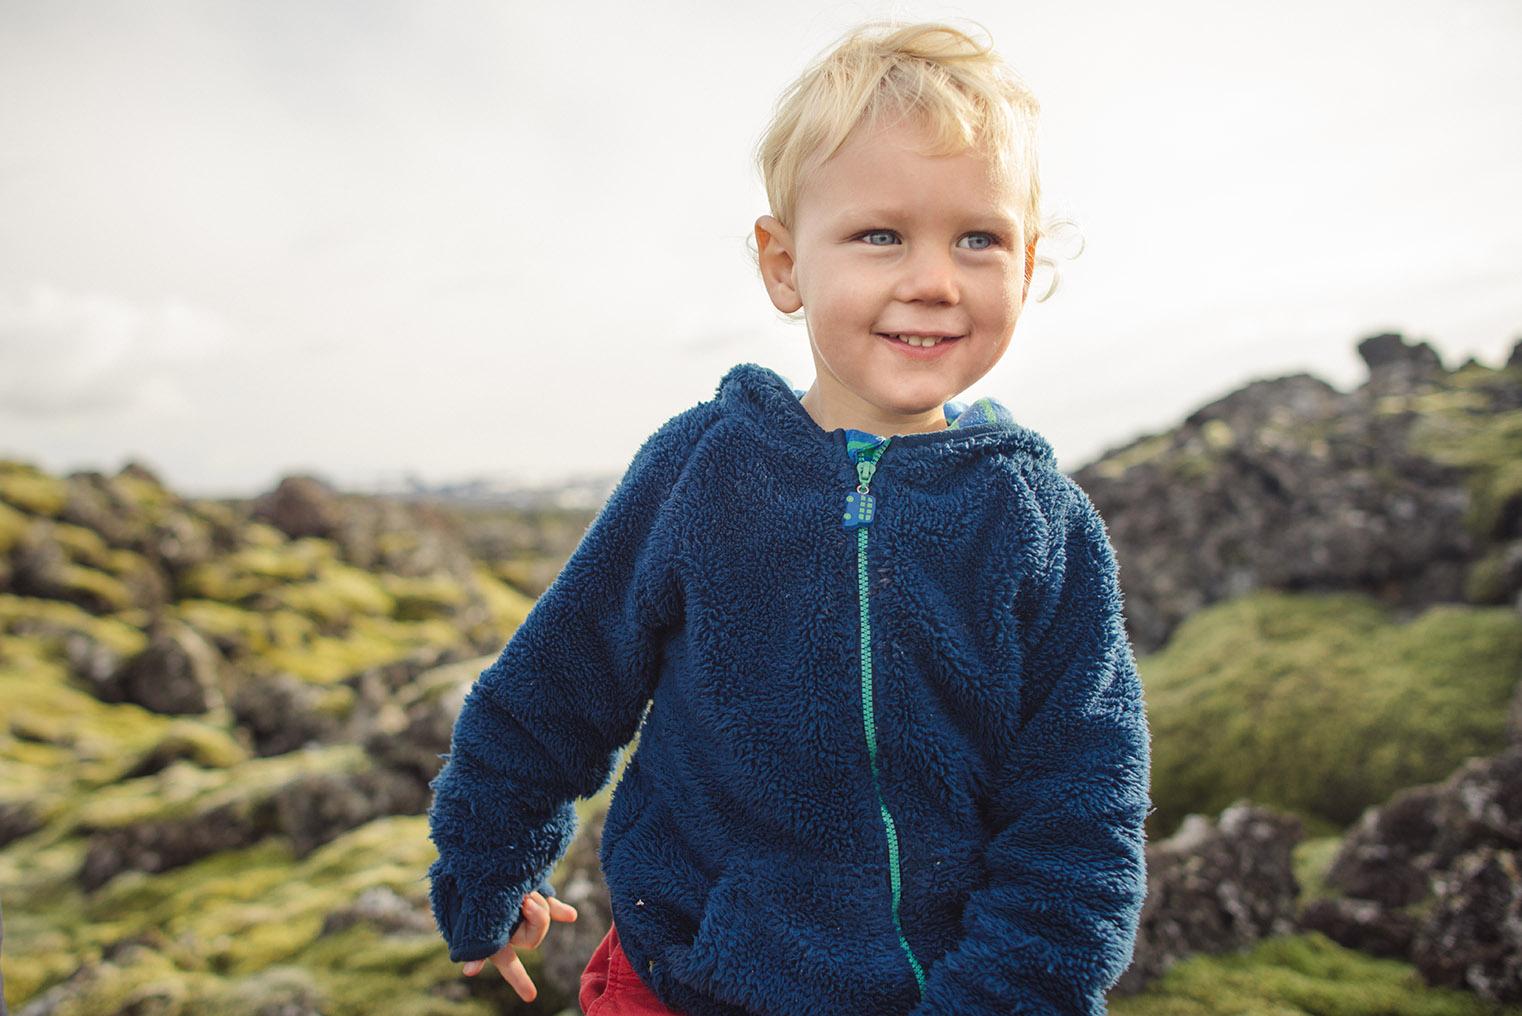 11.Pola lawy - Polwysep Snaefellsnes -Islandia - podroz z dzieckiem